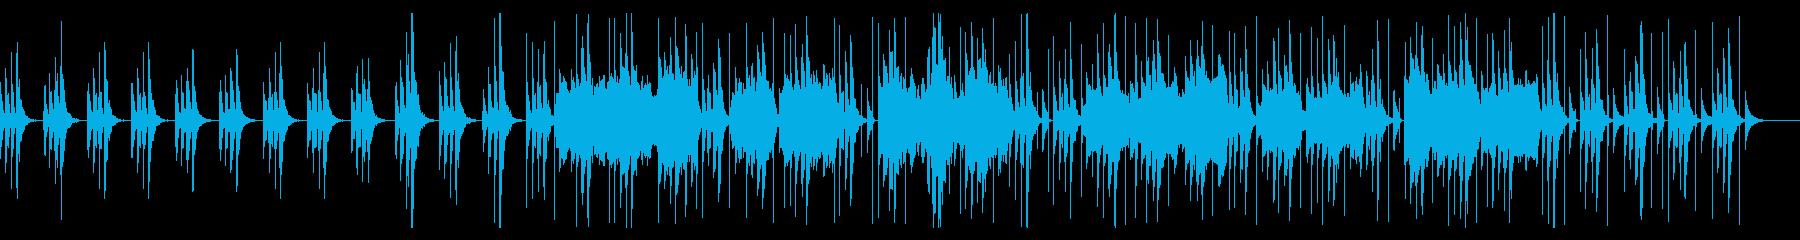 【雰囲気系】ほのぼのしたフルートの曲の再生済みの波形